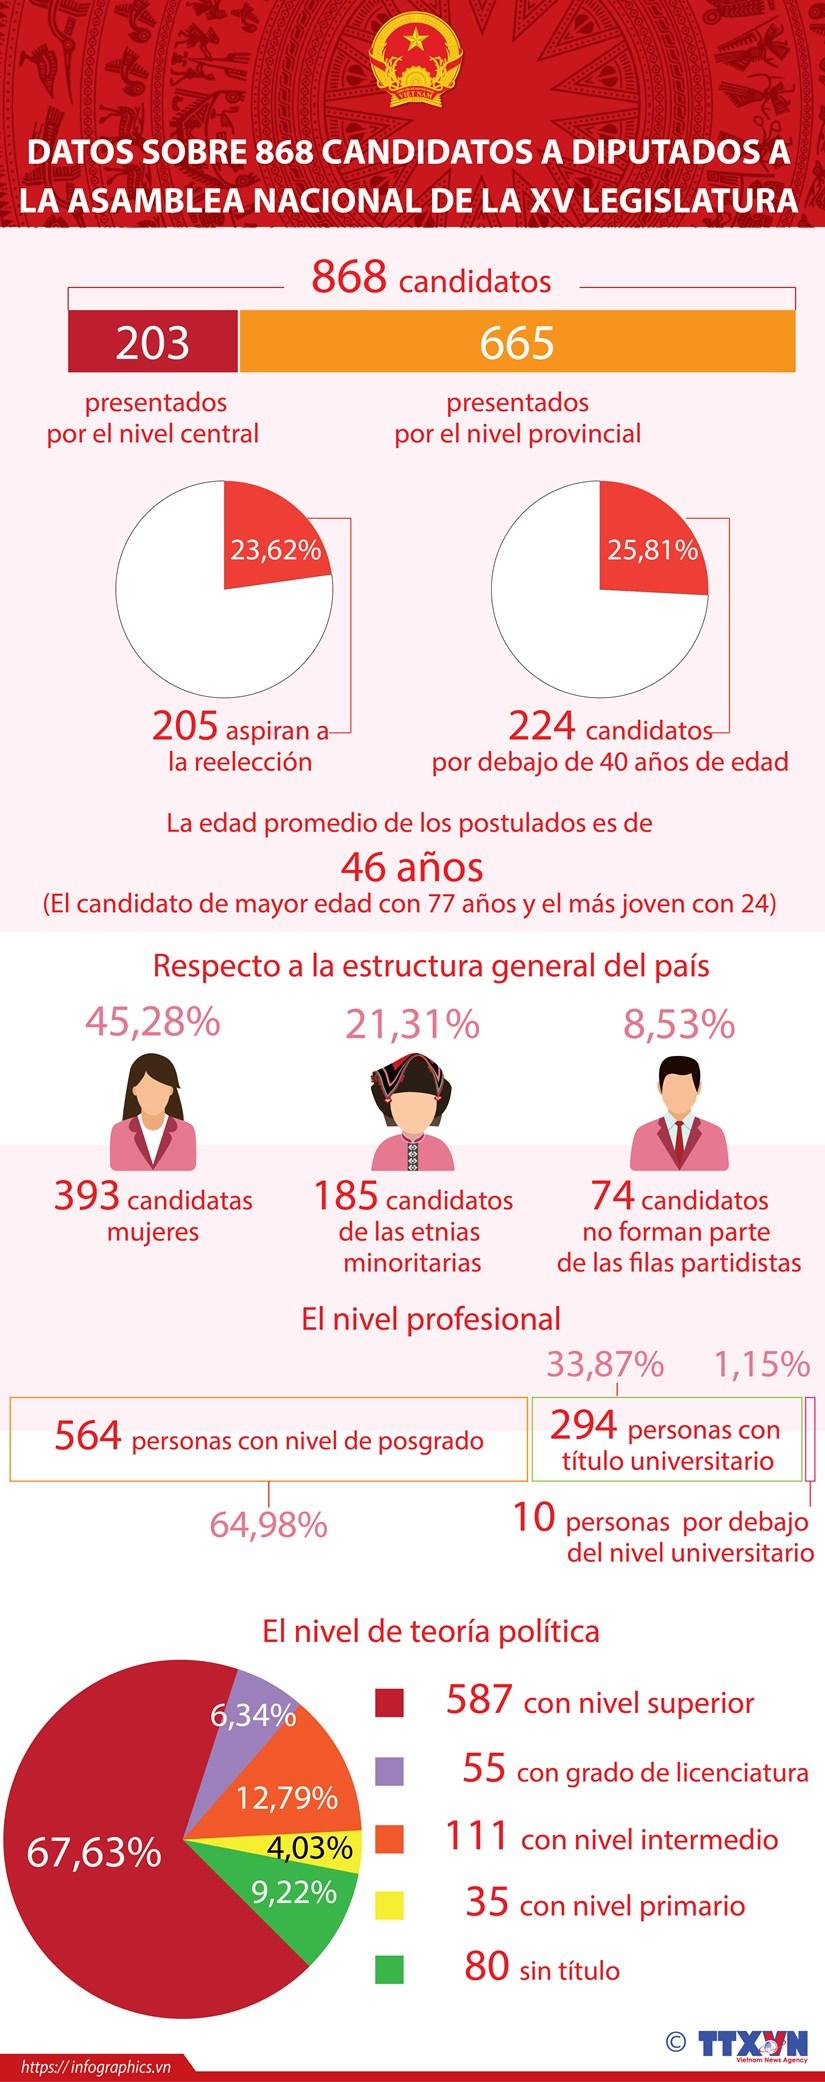 Datos sobre 868 candidatos a diputados a la Asamblea Nacional de la XV legislatura hinh anh 1